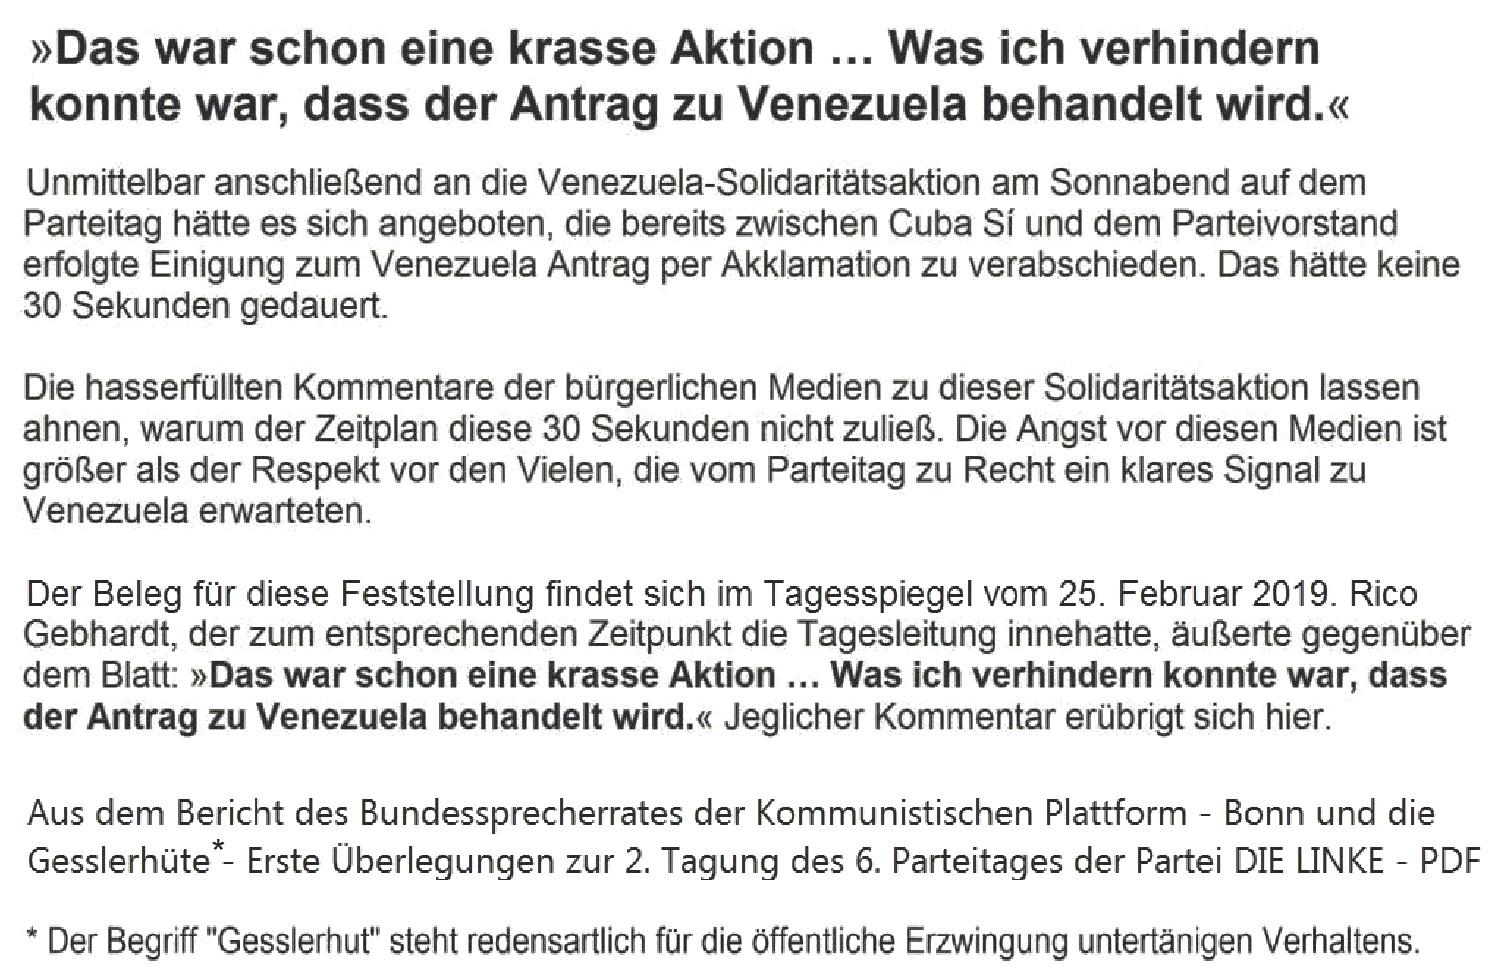 Aus dem Posteingang von Dr. Marianne Linke - Der Beleg für diese Feststellung findet sich im Tagesspiegel vom 25. Februar 2019. Rico Gebhardt, der zum entsprechenden Zeitpunkt die Tagesleitung innehatte, äußerte gegenüber dem Blatt: 'Das war schon eine krasse Aktion … Was ich verhindern konnte war, dass der Antrag zu Venezuela behandelt wird.' Jeglicher Kom-mentar erübrigt sich hier. Aus der Einschätzung des EU-Bundesparteitages DIE LINKE vom 22. bis 24. Februar 2019 in Bonn der Kommunistischen Plattform - PDF